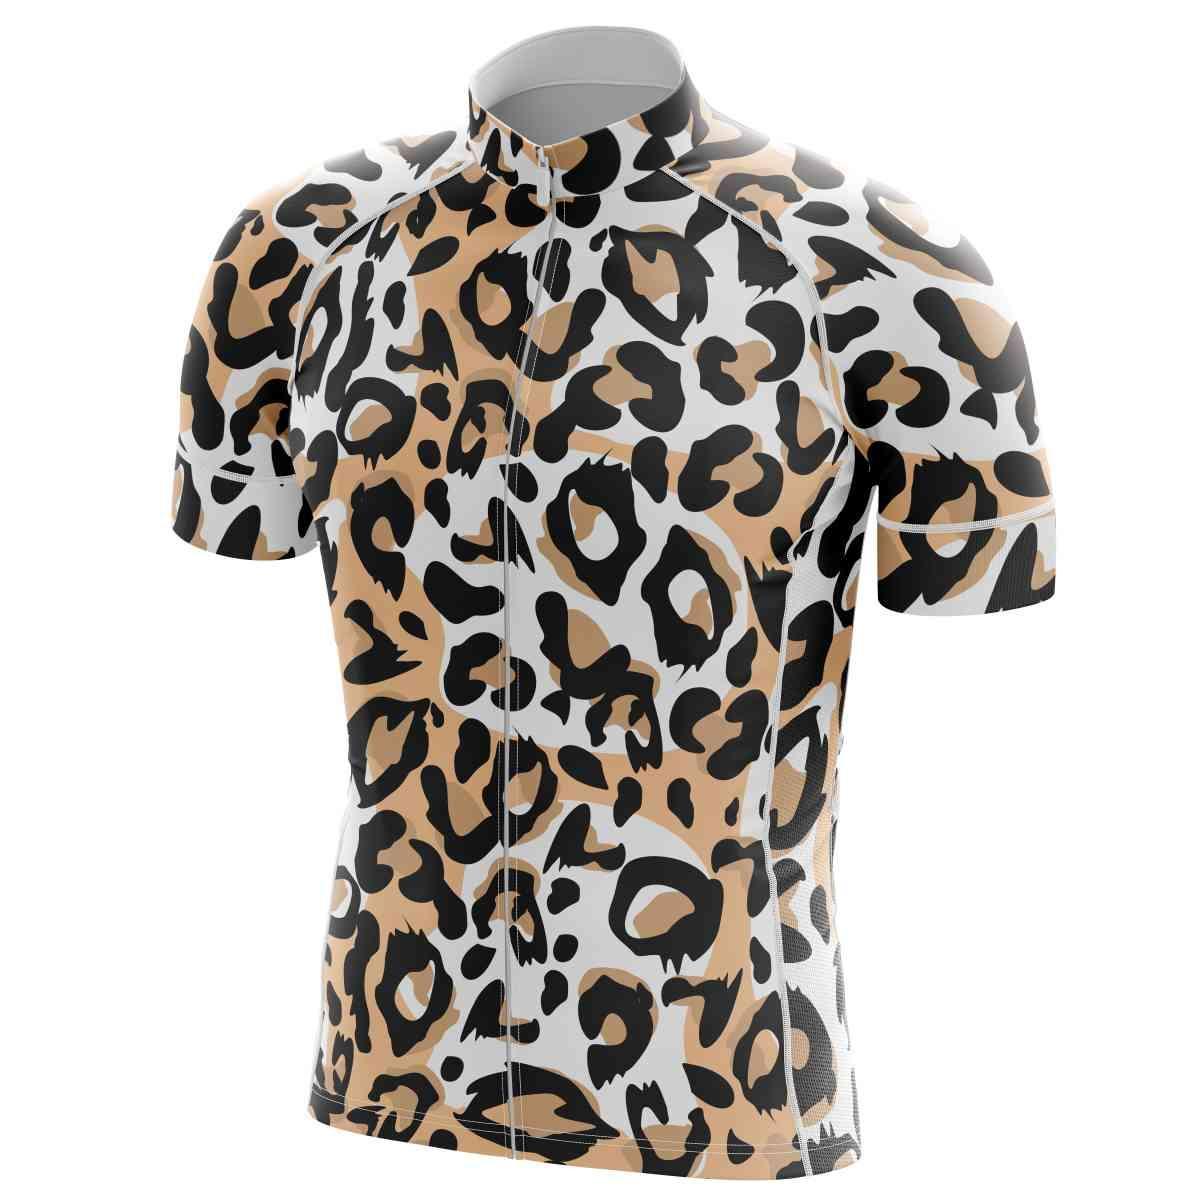 Хирбгод мужской велосипедные джерси новая быстрый рубашка быстрых рубашек с короткими рукавами для чилийского мужского воздуха на открытом воздухе, Tyz619-01 x0503